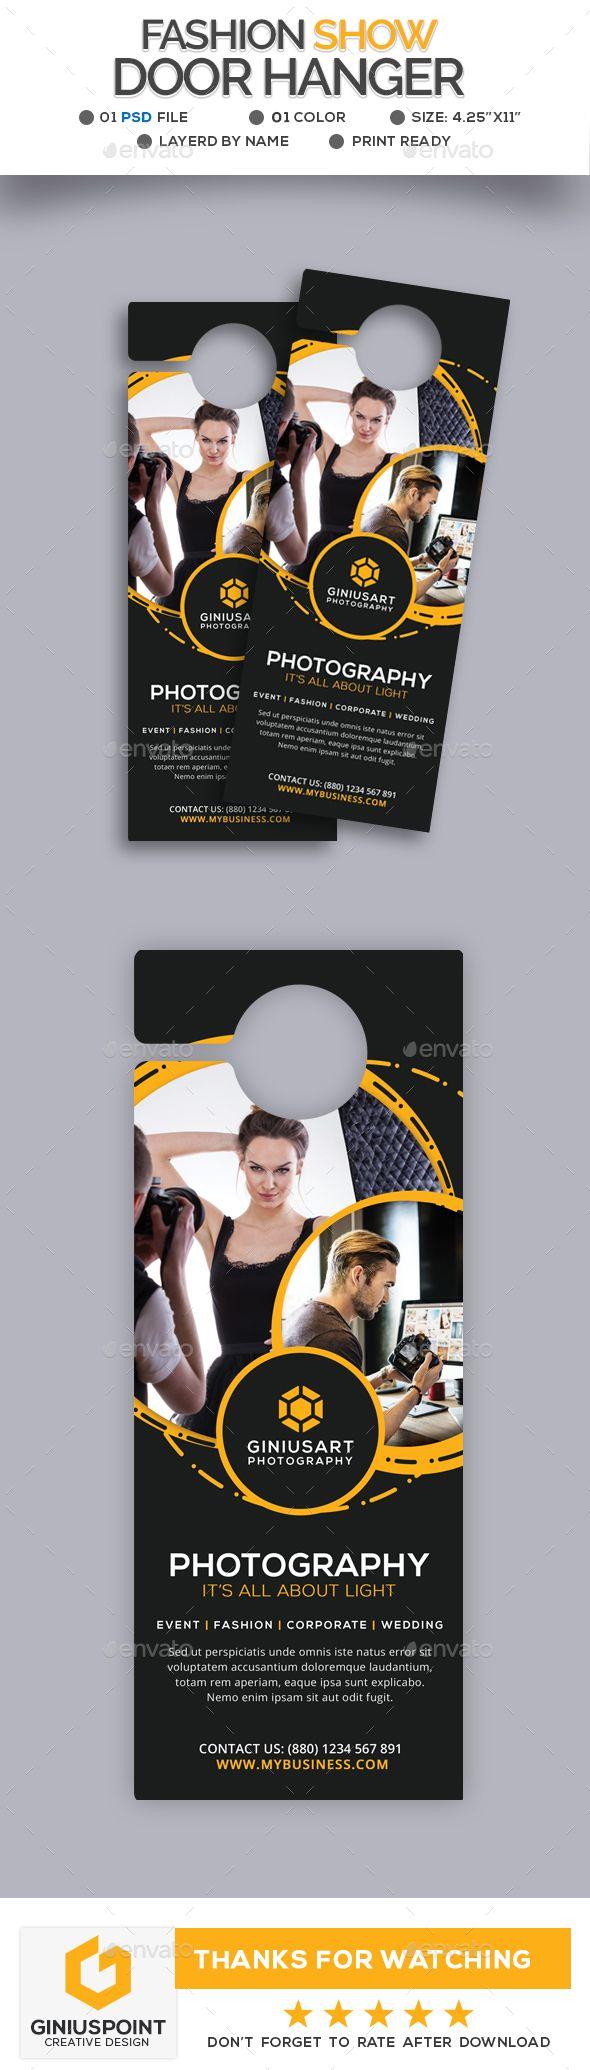 Fashion Show Door Hanger  Door Hanger Template And Print Templates